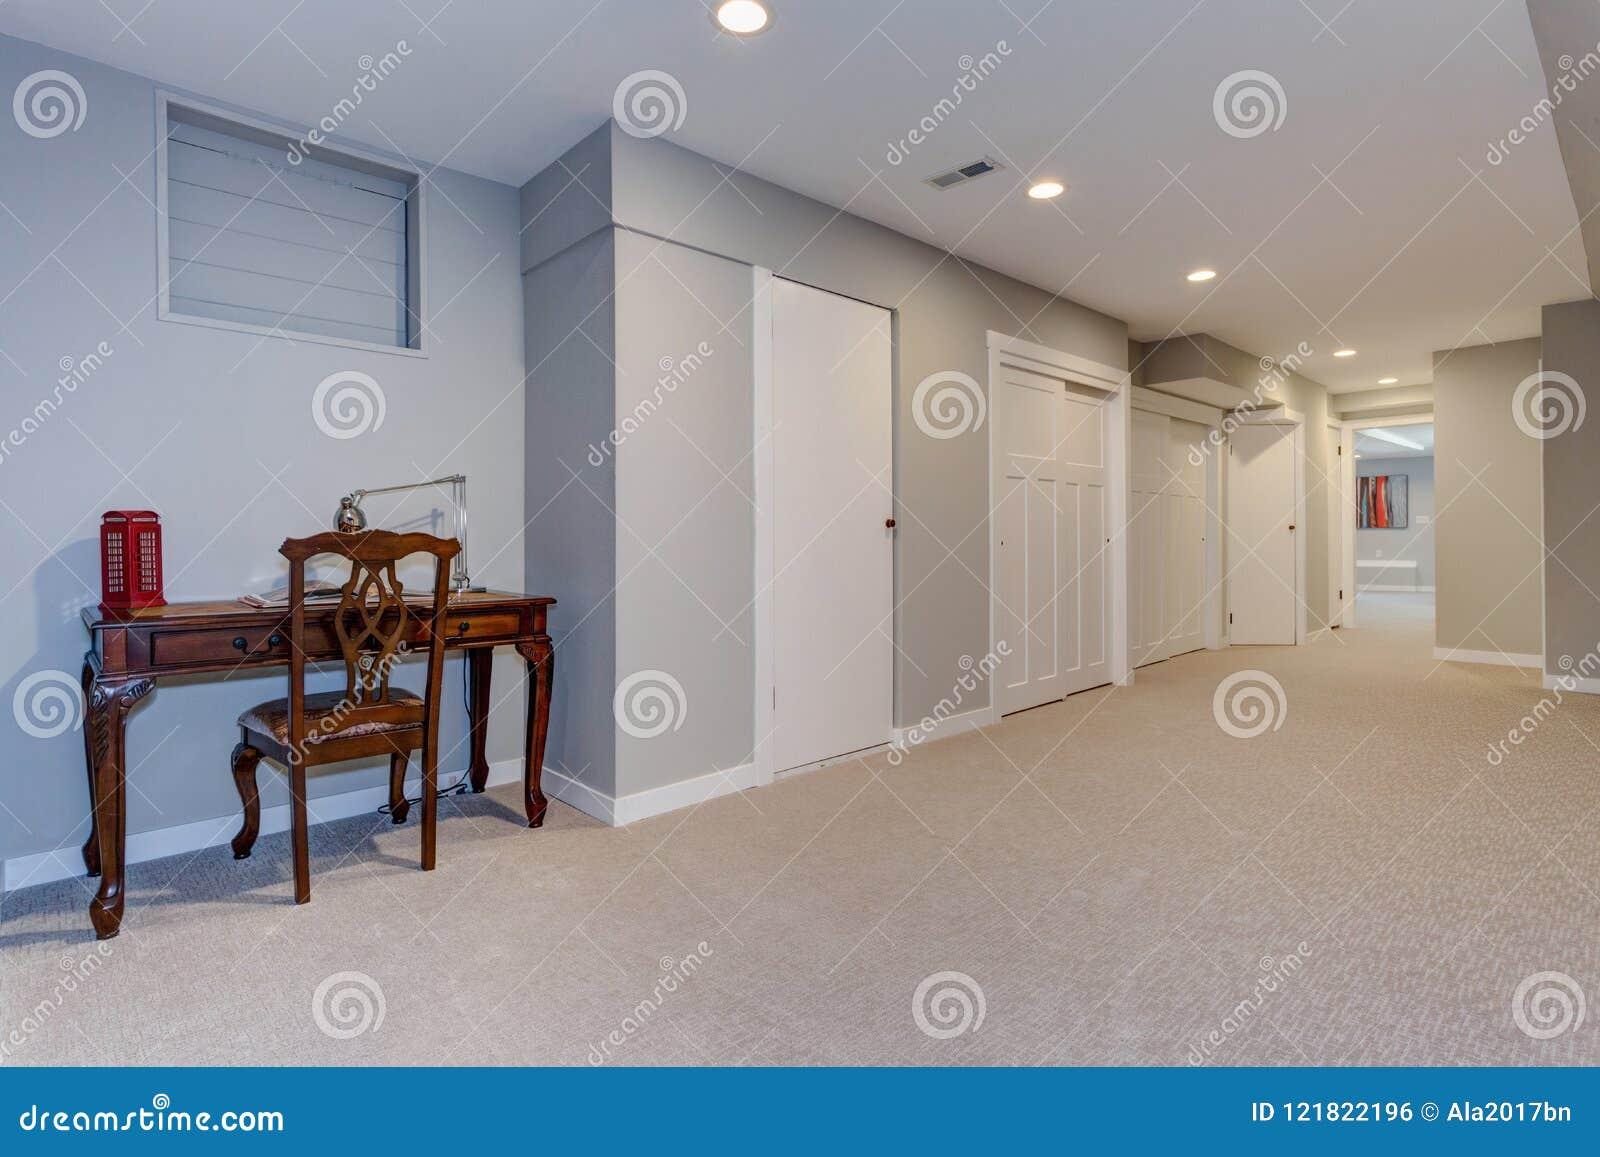 Couloir Large Du Sous-sol à La Maison Photo stock - Image du fond ...